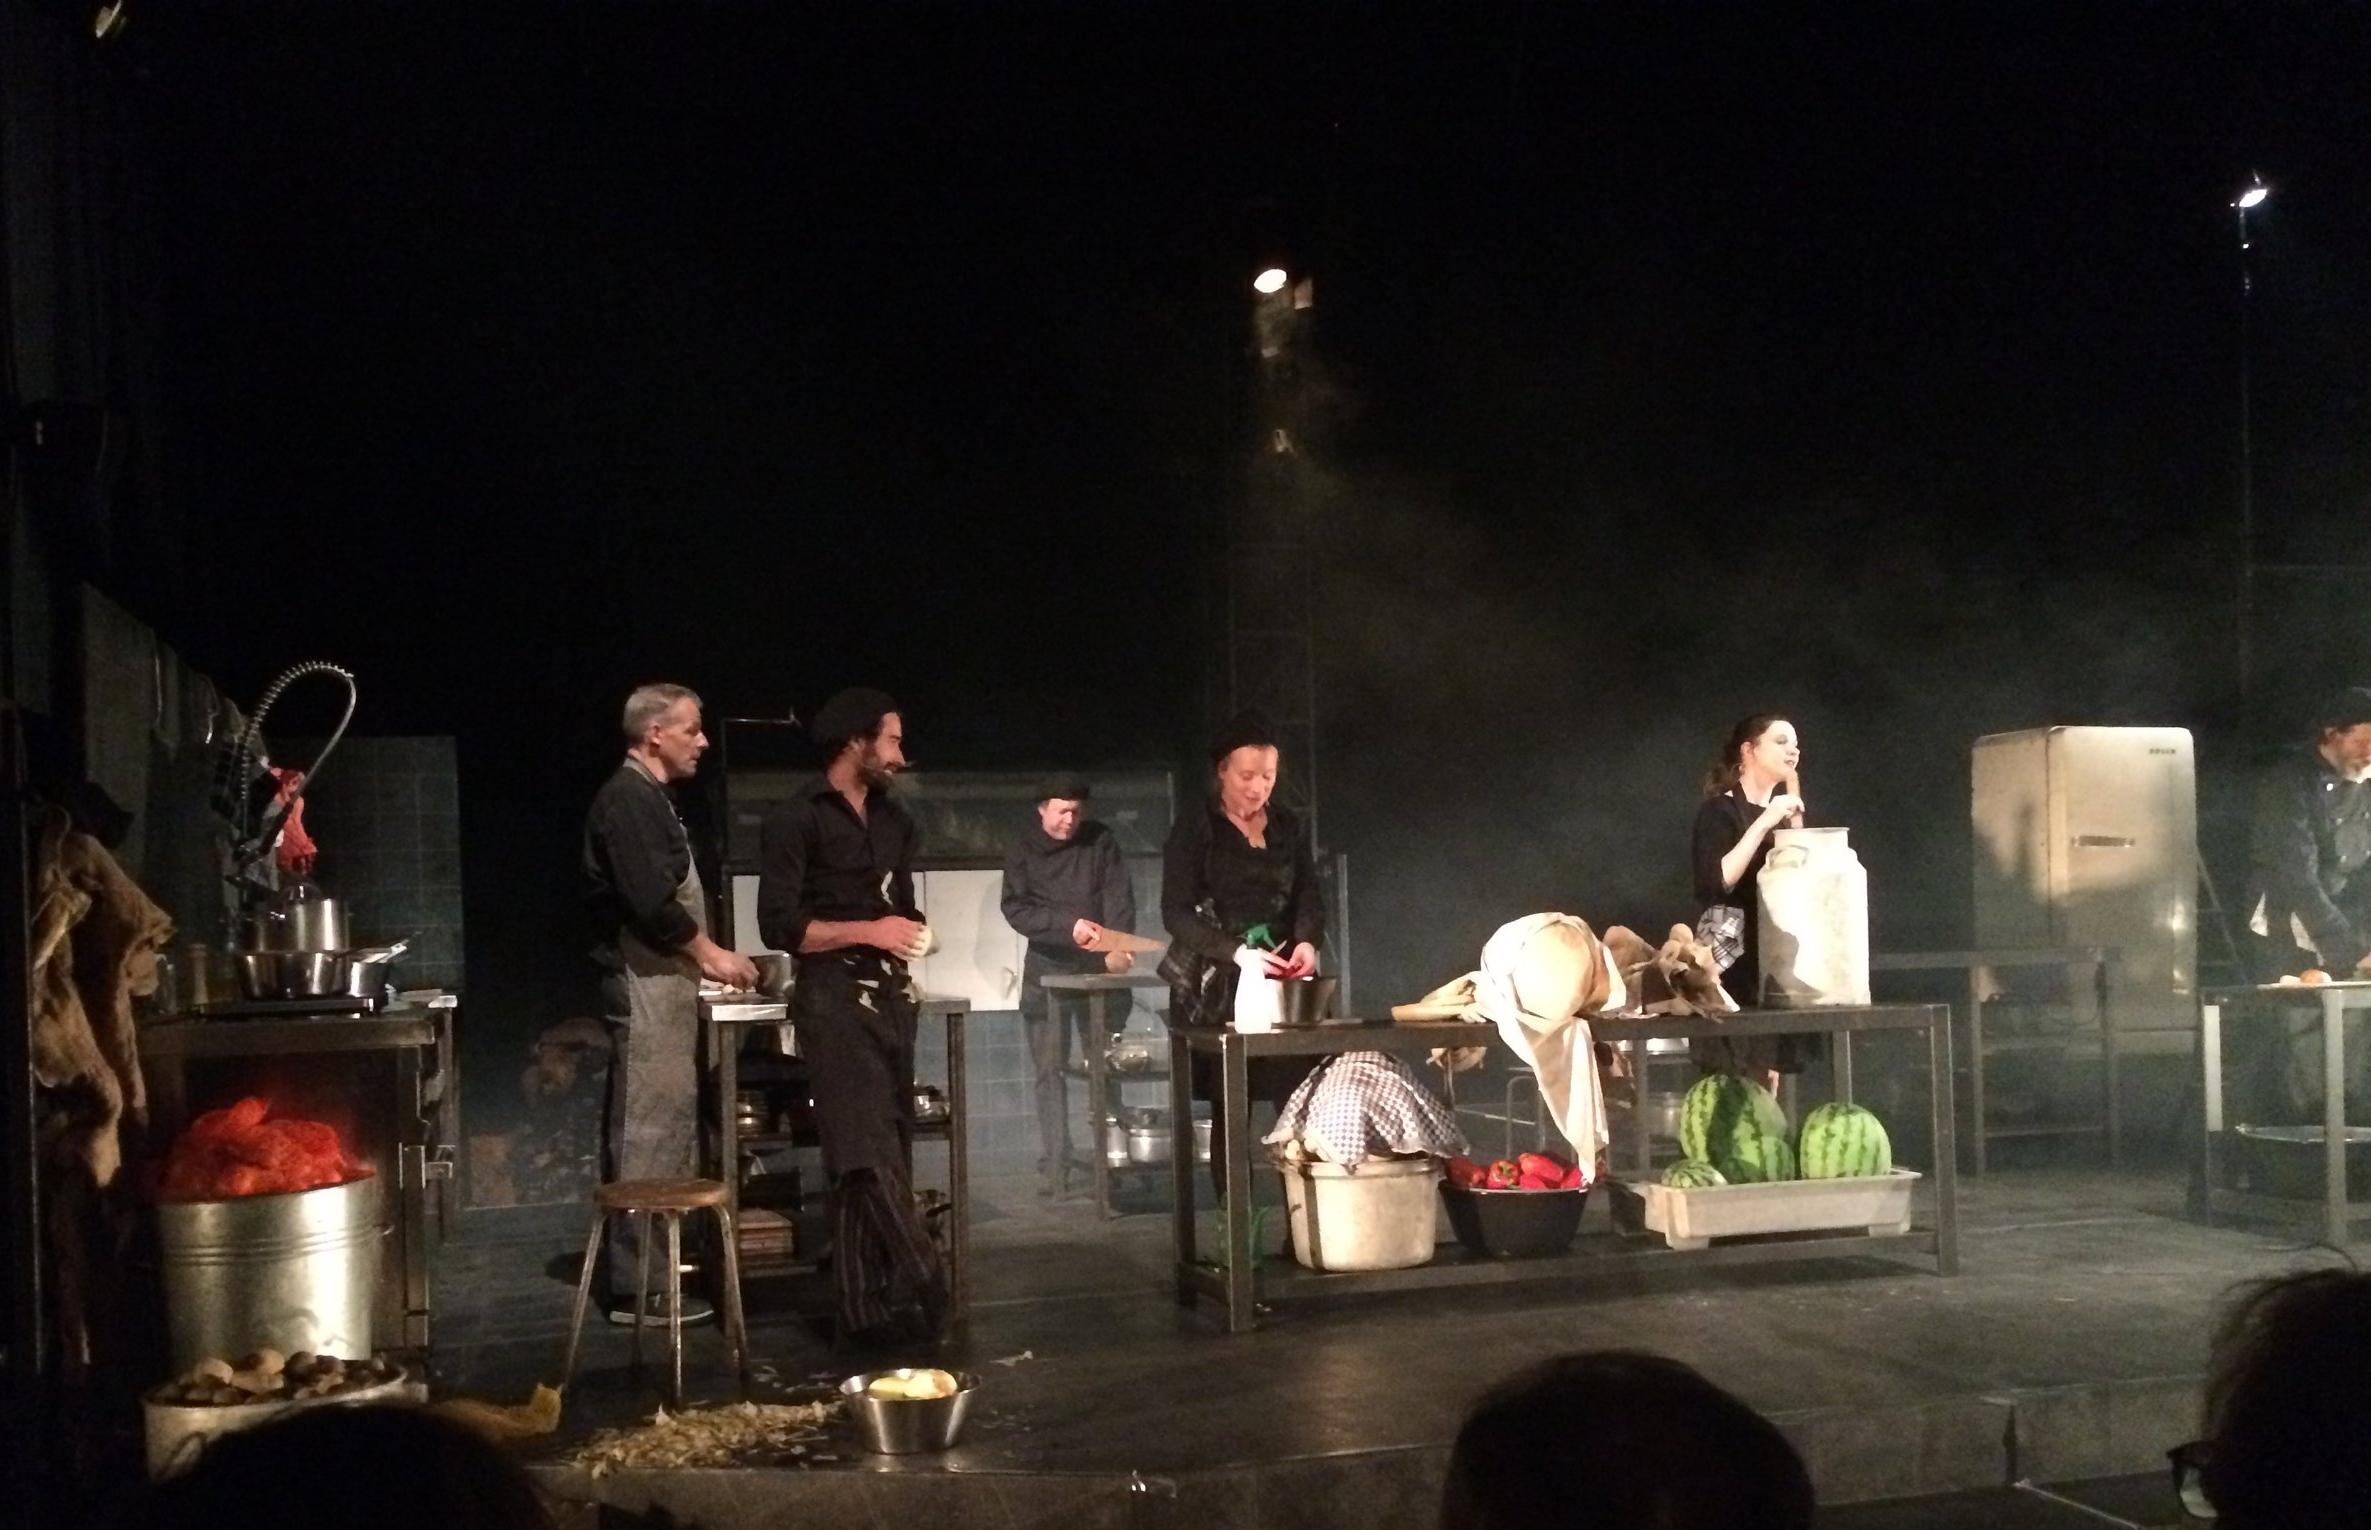 Pentamerone van Laika en FrouFrou op 3 juni in Overpelt